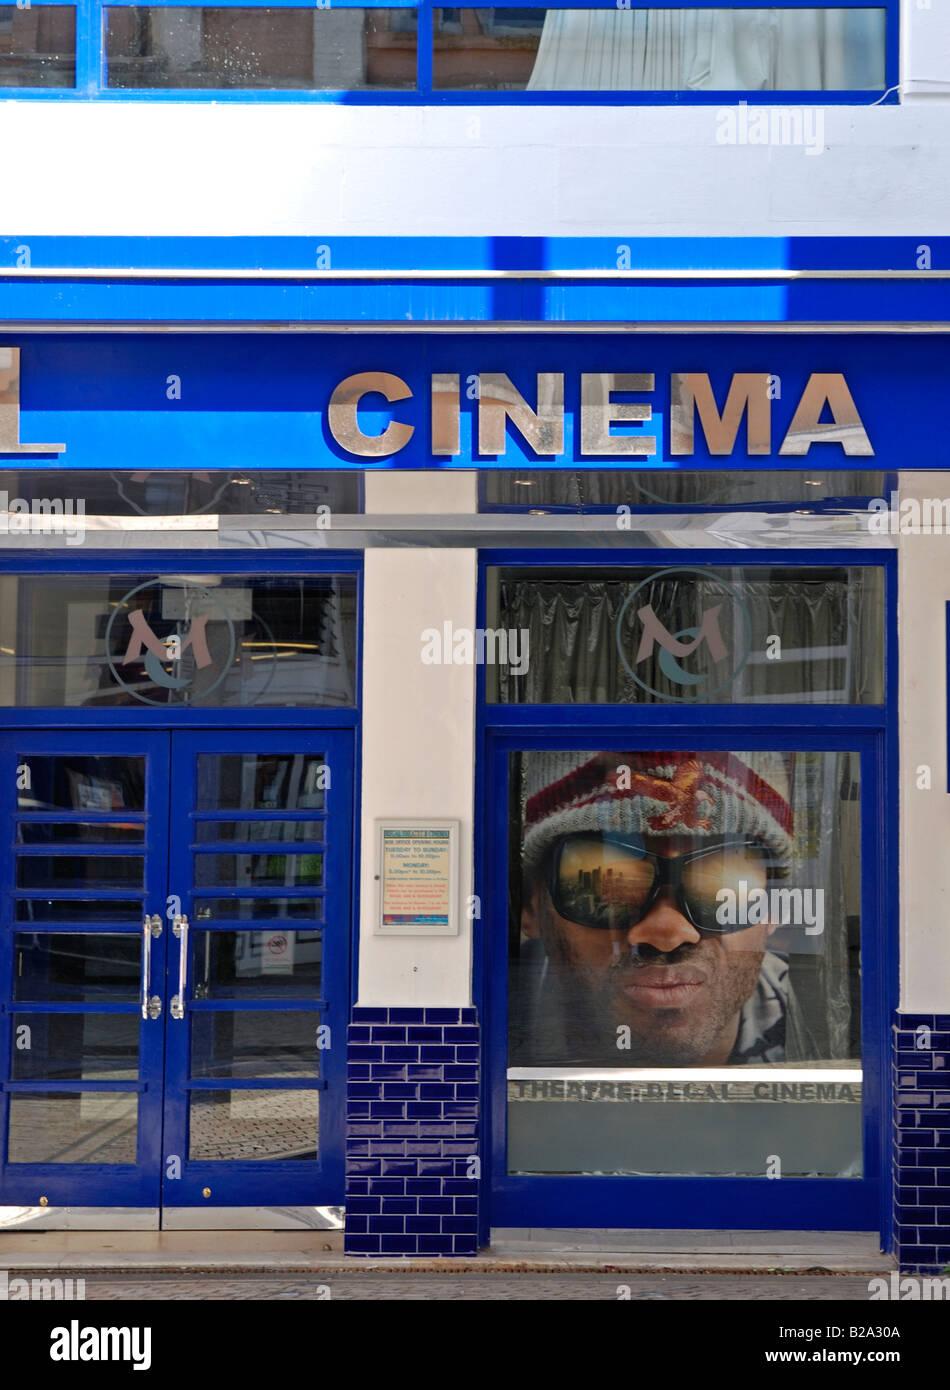 """Una chiusura di un cinema porta di ingresso con un annuncio pubblicitario per il film 'Hancock"""" nella finestra Immagini Stock"""